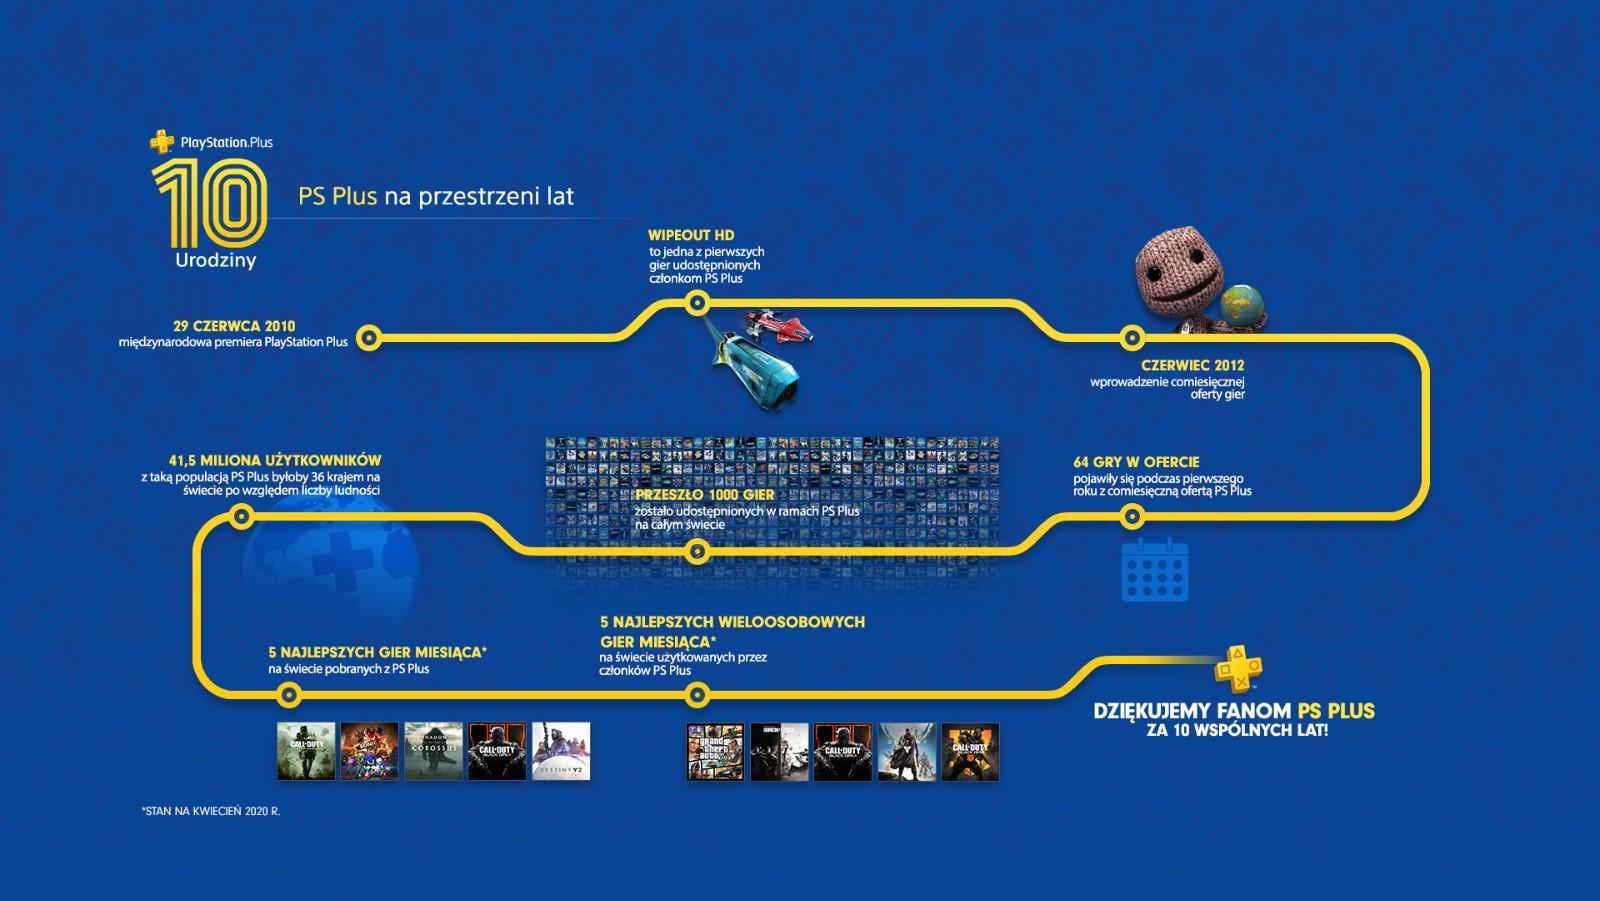 ps-plus-10-lat-infografika